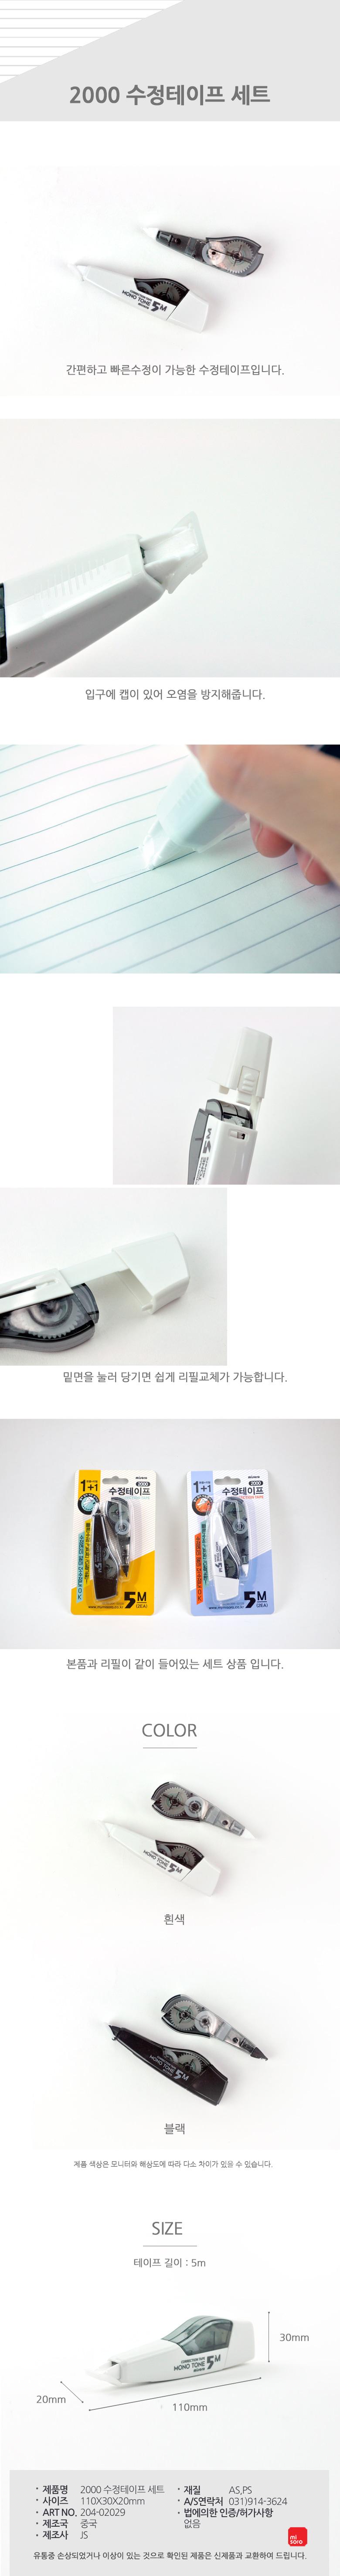 2000 수정테이프 세트 - 미소로, 2,000원, 지우개/수정액, 수정테이프